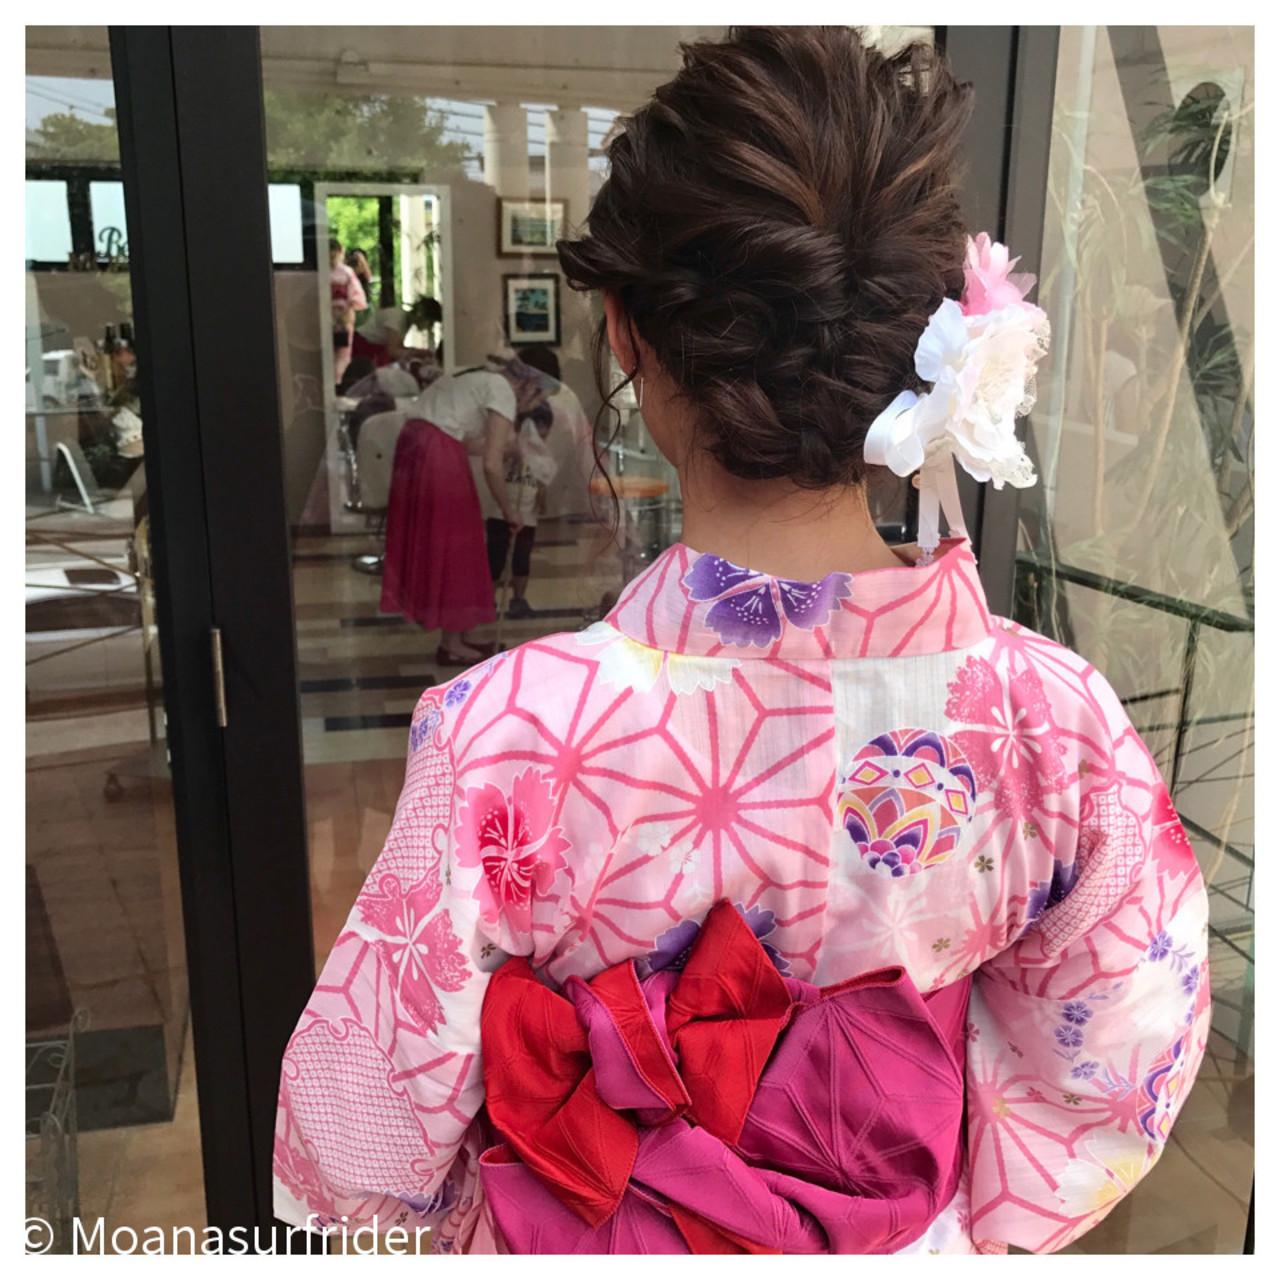 ヘアアレンジ 夏 色気 花火大会 ヘアスタイルや髪型の写真・画像